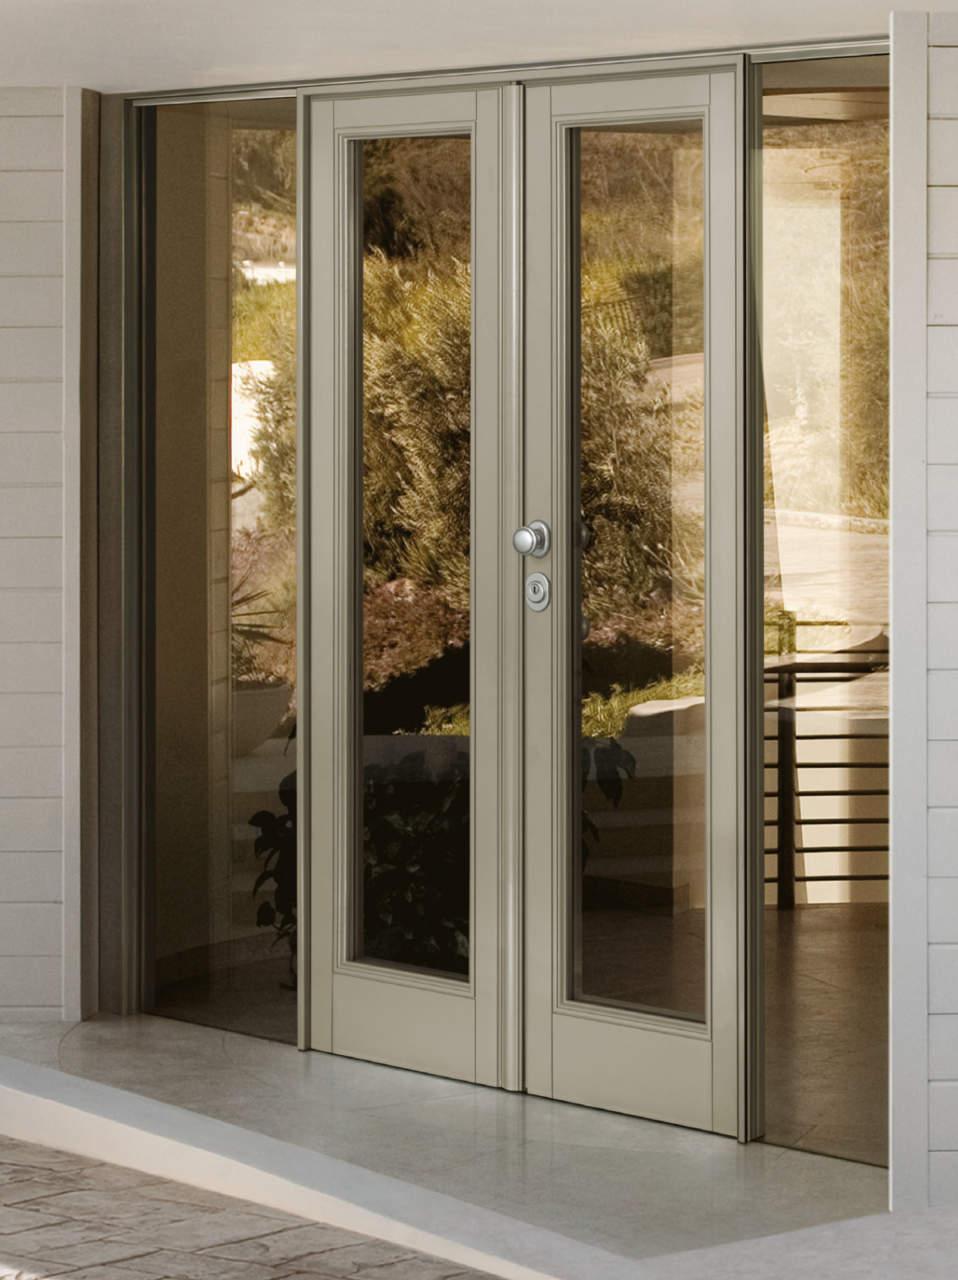 Porta blindata vitra by dierre arketipo - Porta con vetro ...